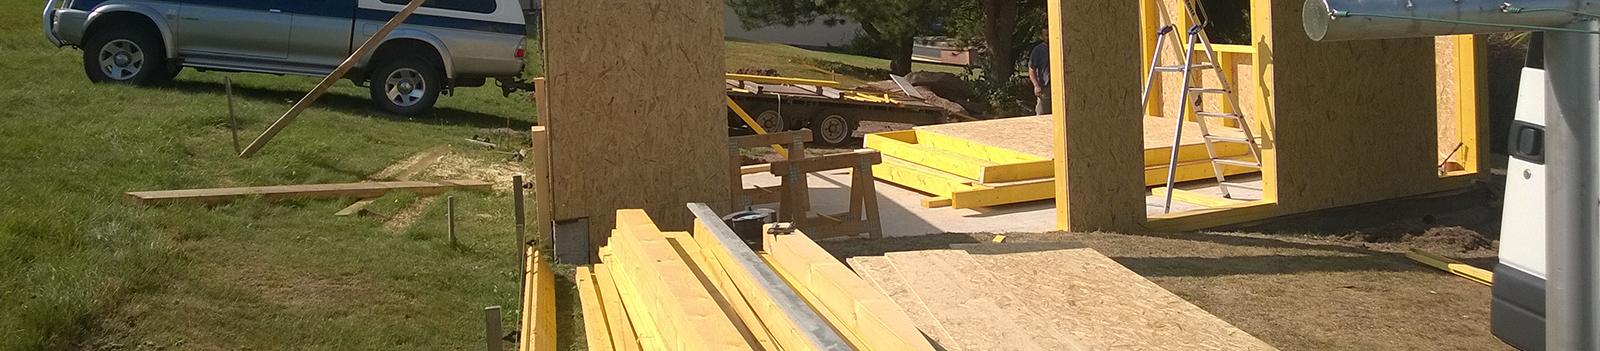 Rénovation de pièce à ossature bois